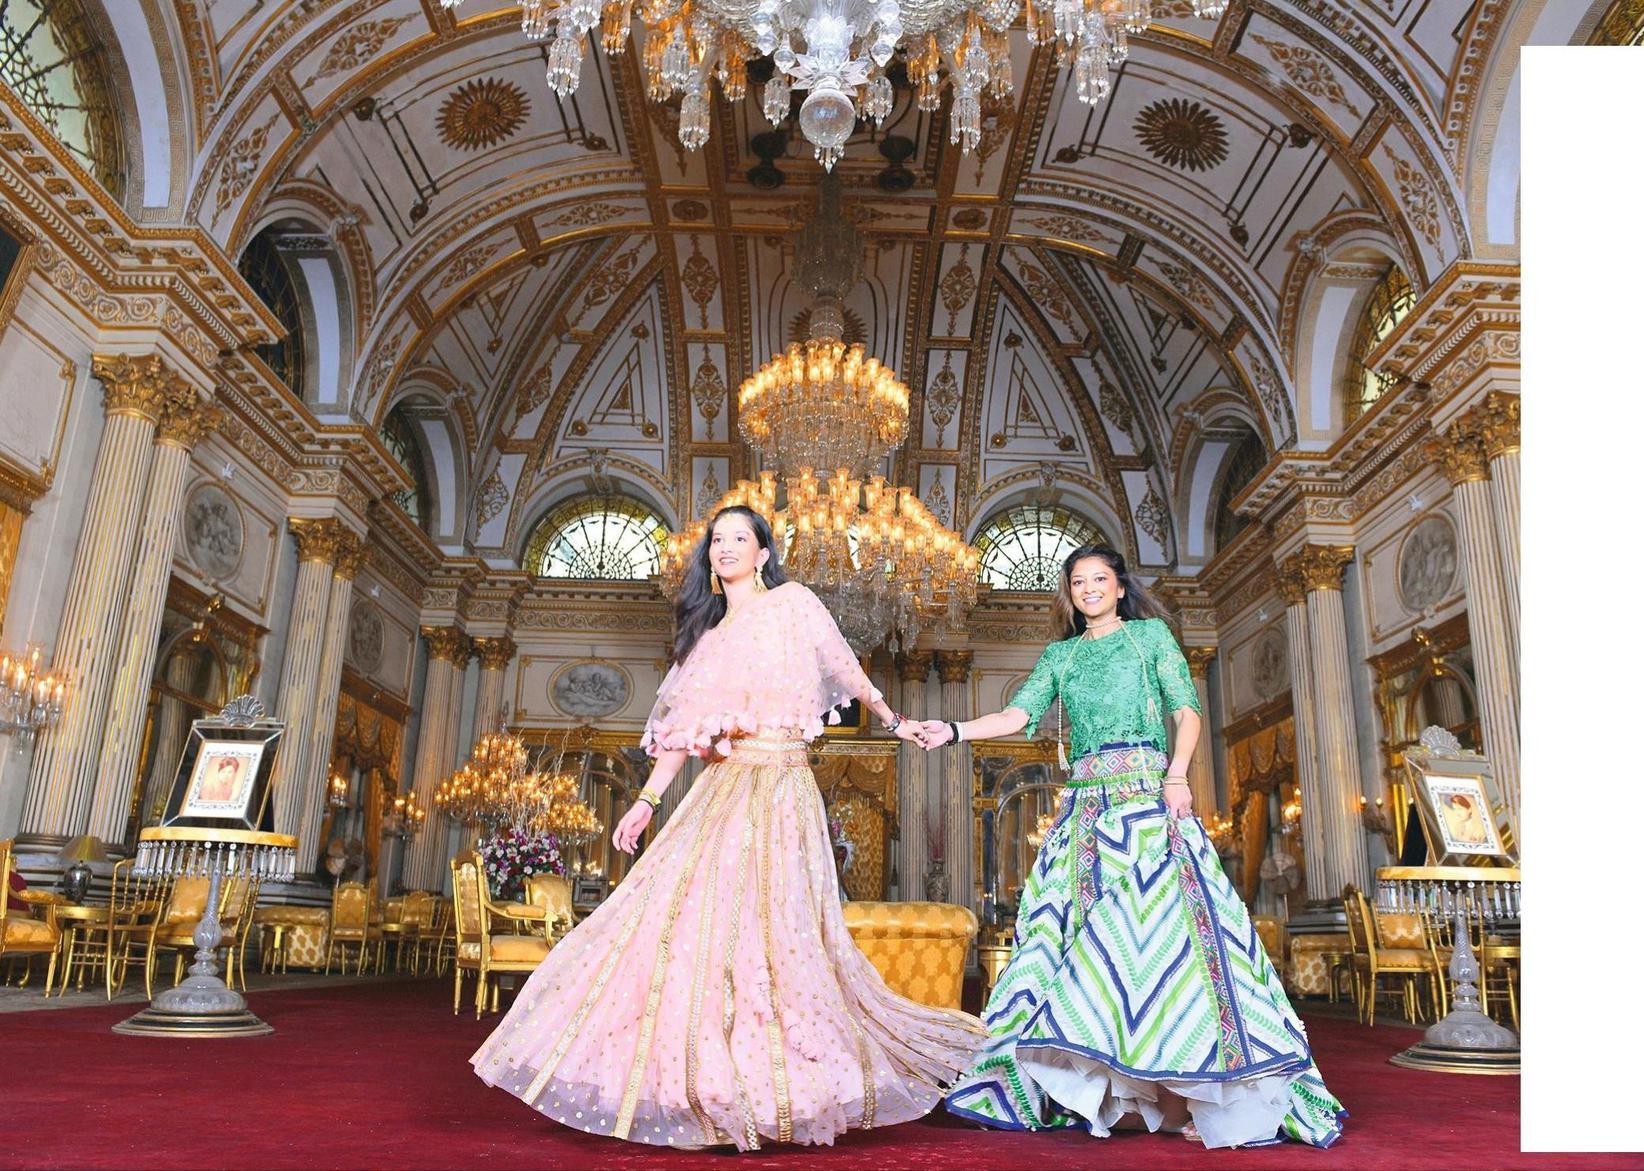 Gwalior rencontres Speed rencontres événements à Singapour